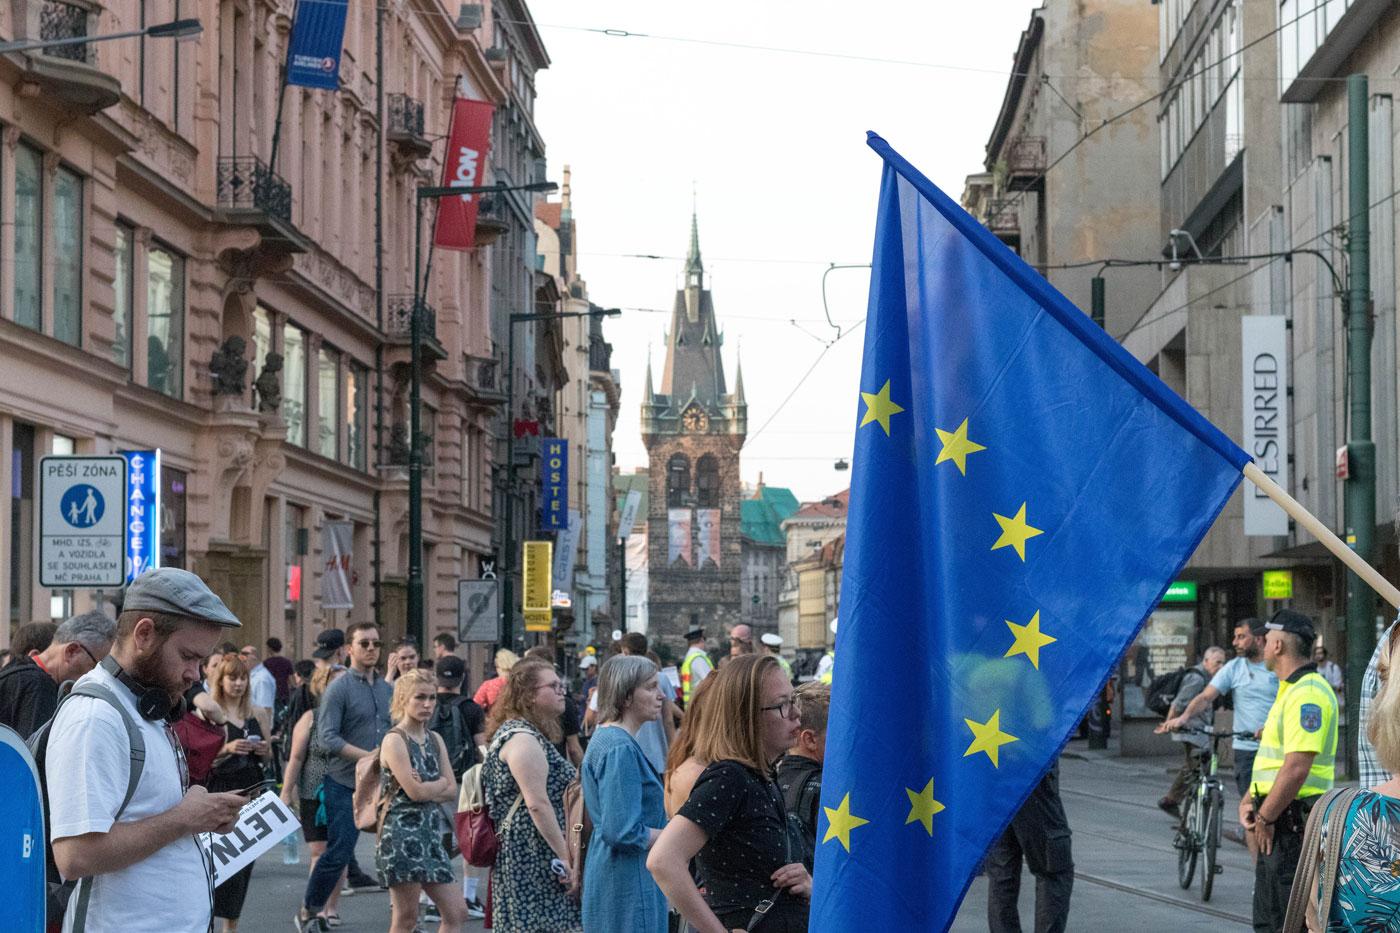 ✈️ Нові правила безвізу з ЄС — з 2022 року стане платним. Пояснюємо, що відбувається